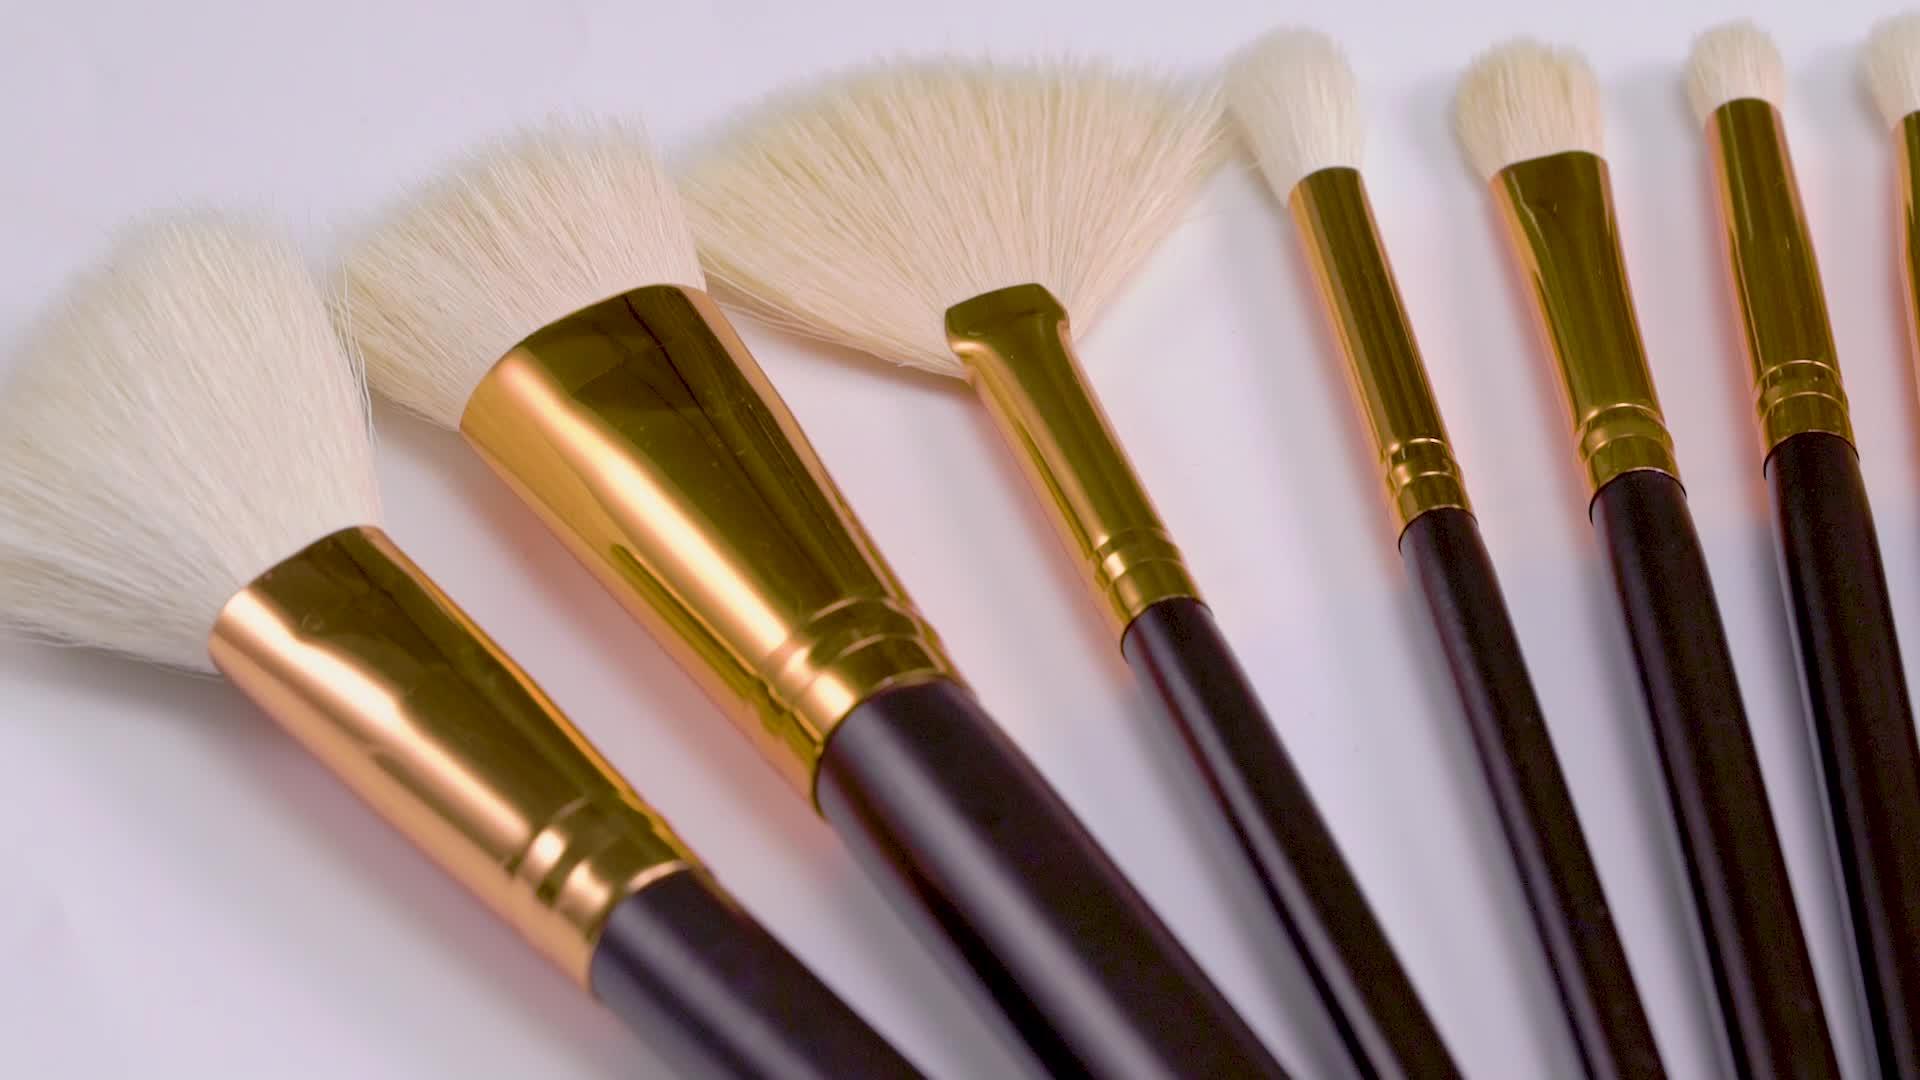 15 шт Высокое качество кисти для макияжа мягкие Косметические кисти для макияжа набор женских кистей